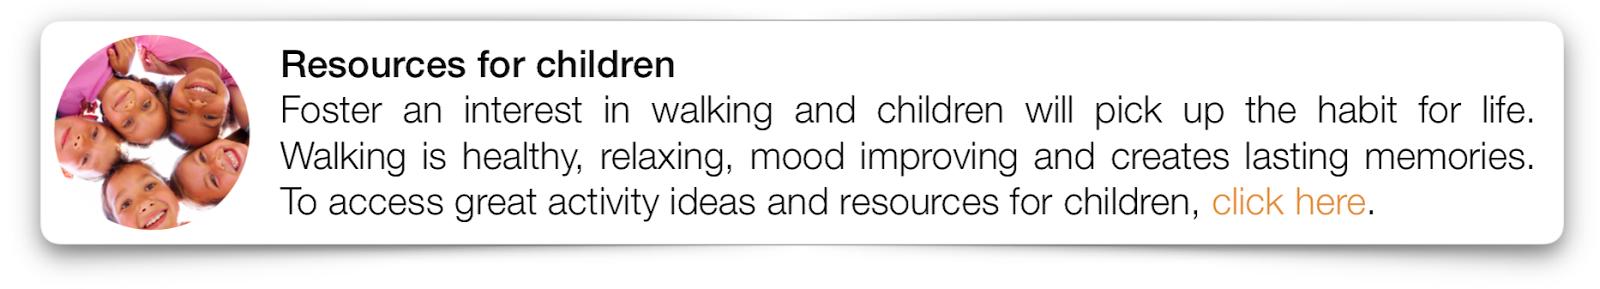 Cambridgeshire Walks resources for children